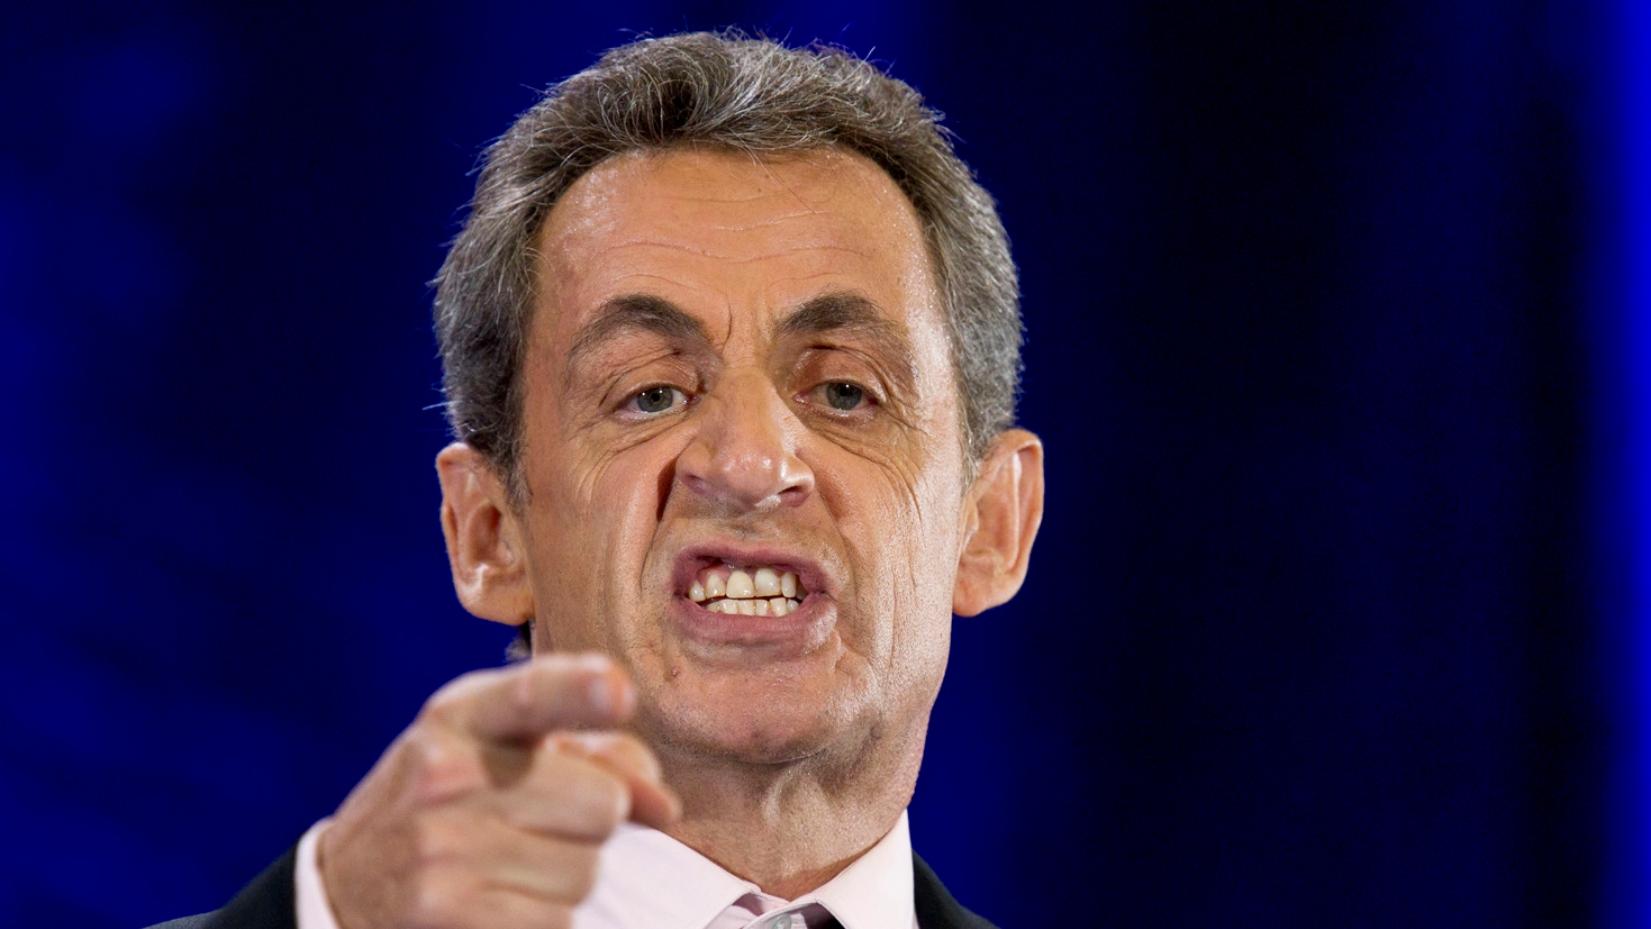 Były prezydent Fracji Nicolas Sarkozy skazany. Chodzi o aferę Bygmalion